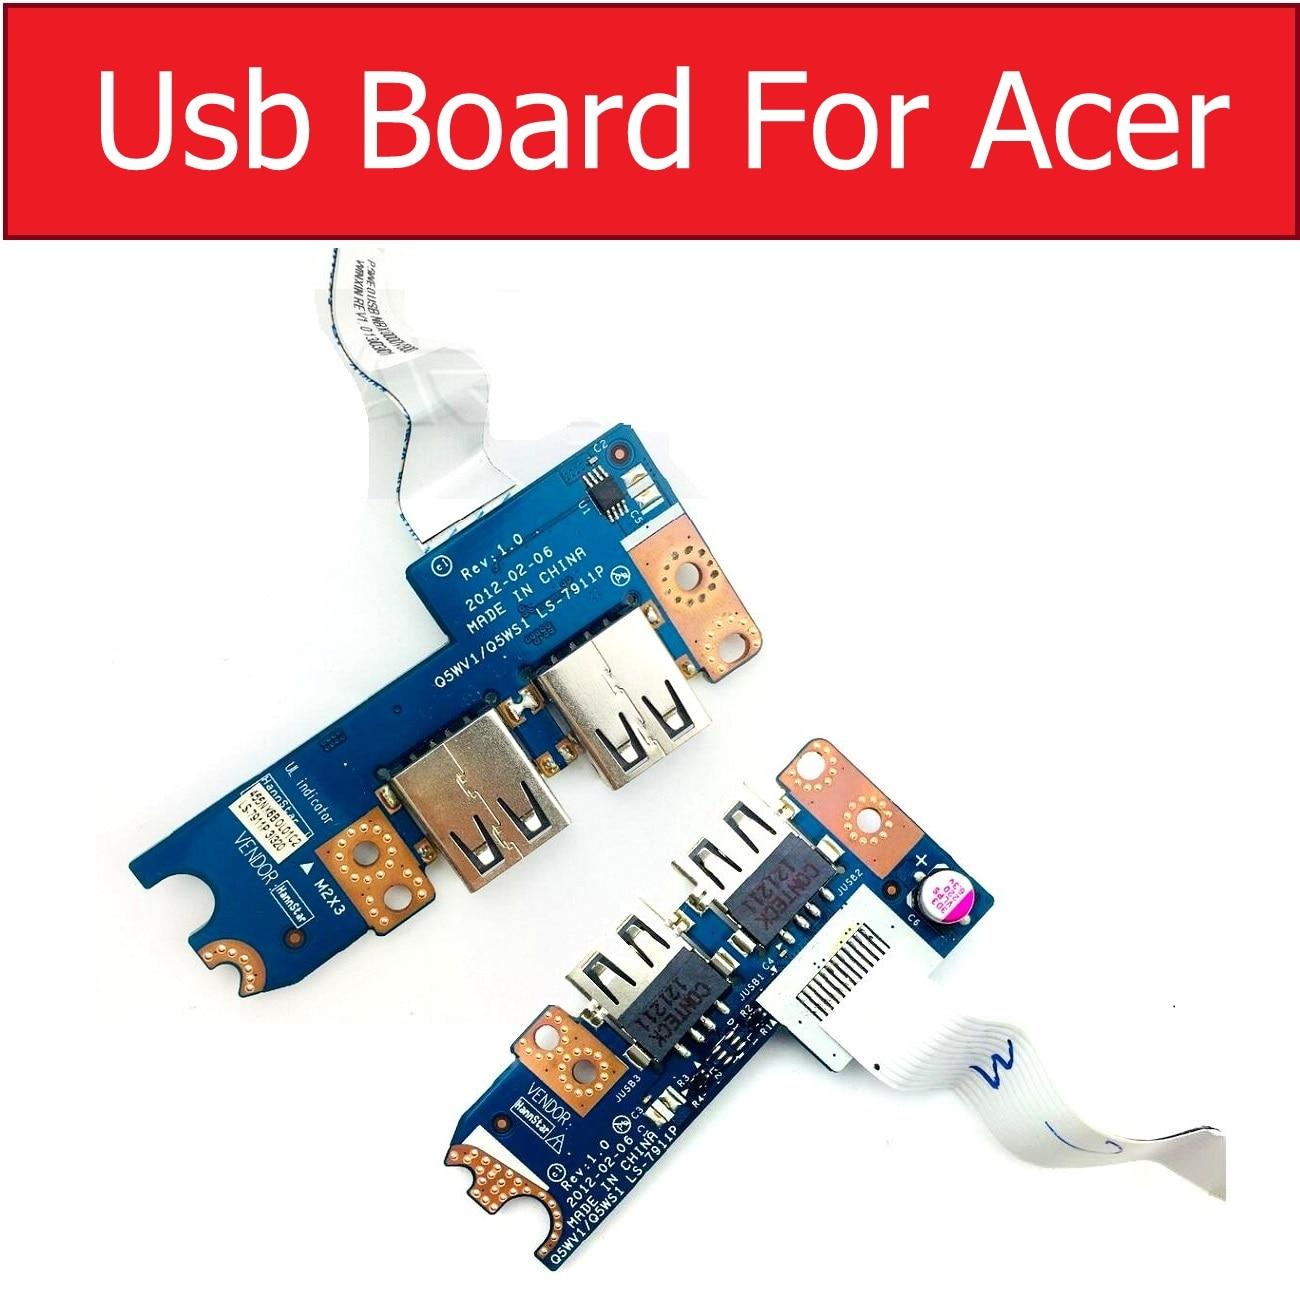 LS-7911P LS-8331P USB Board Socket For Acer Aspire V3-551G V3-571G V3-531G E1-521 E1-531 E1-571 5750 5750g P253-E Q5WV1 Q5WS1